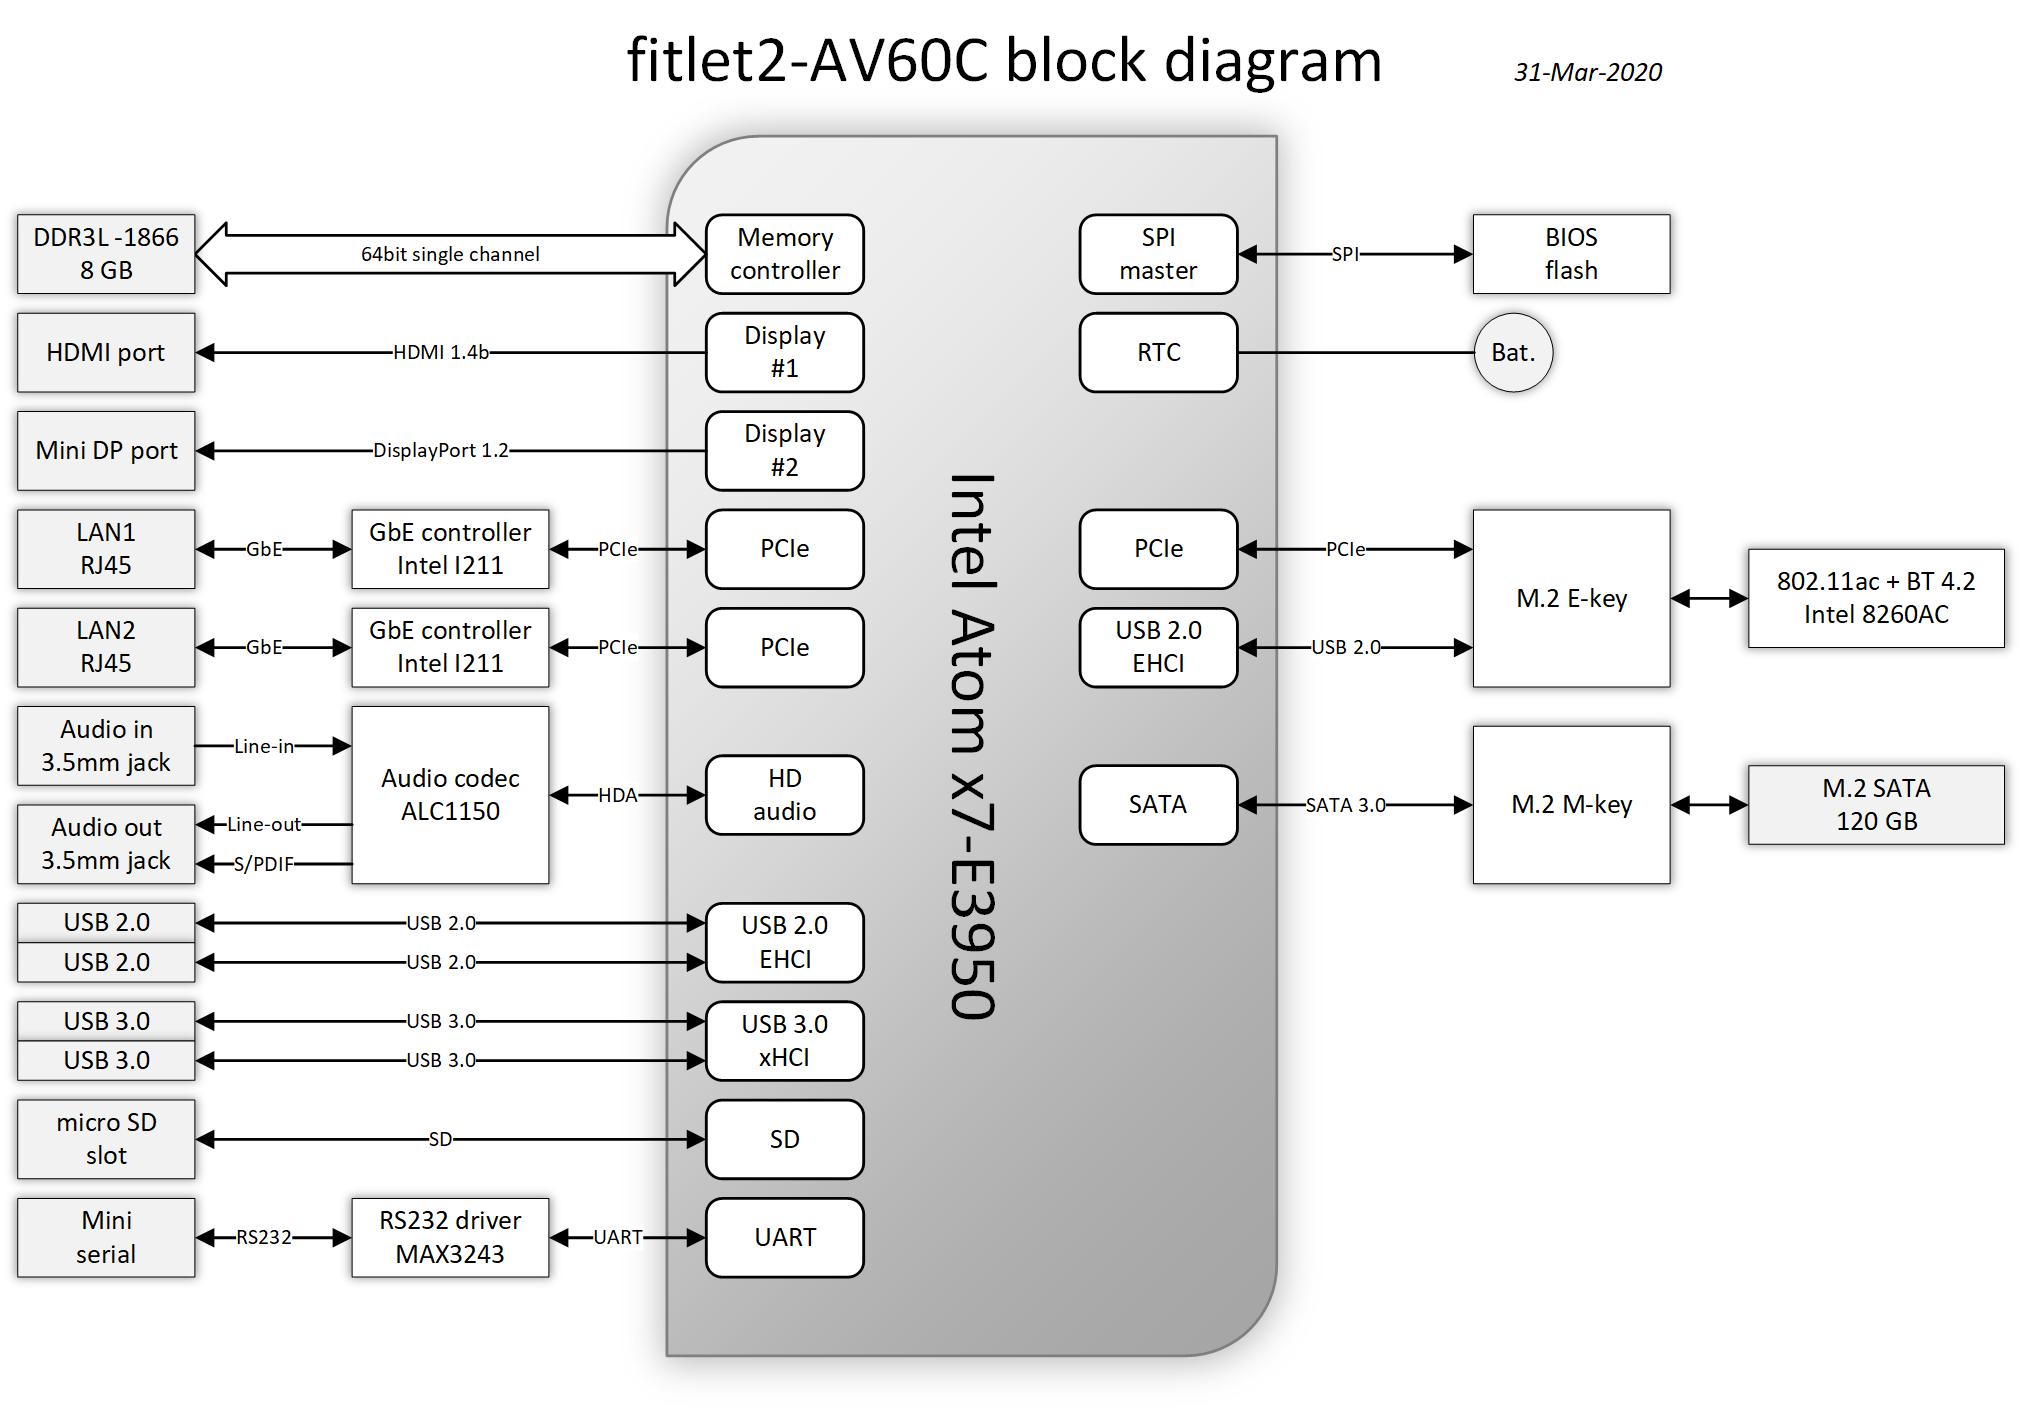 fitlet2-av60c-block-diagram